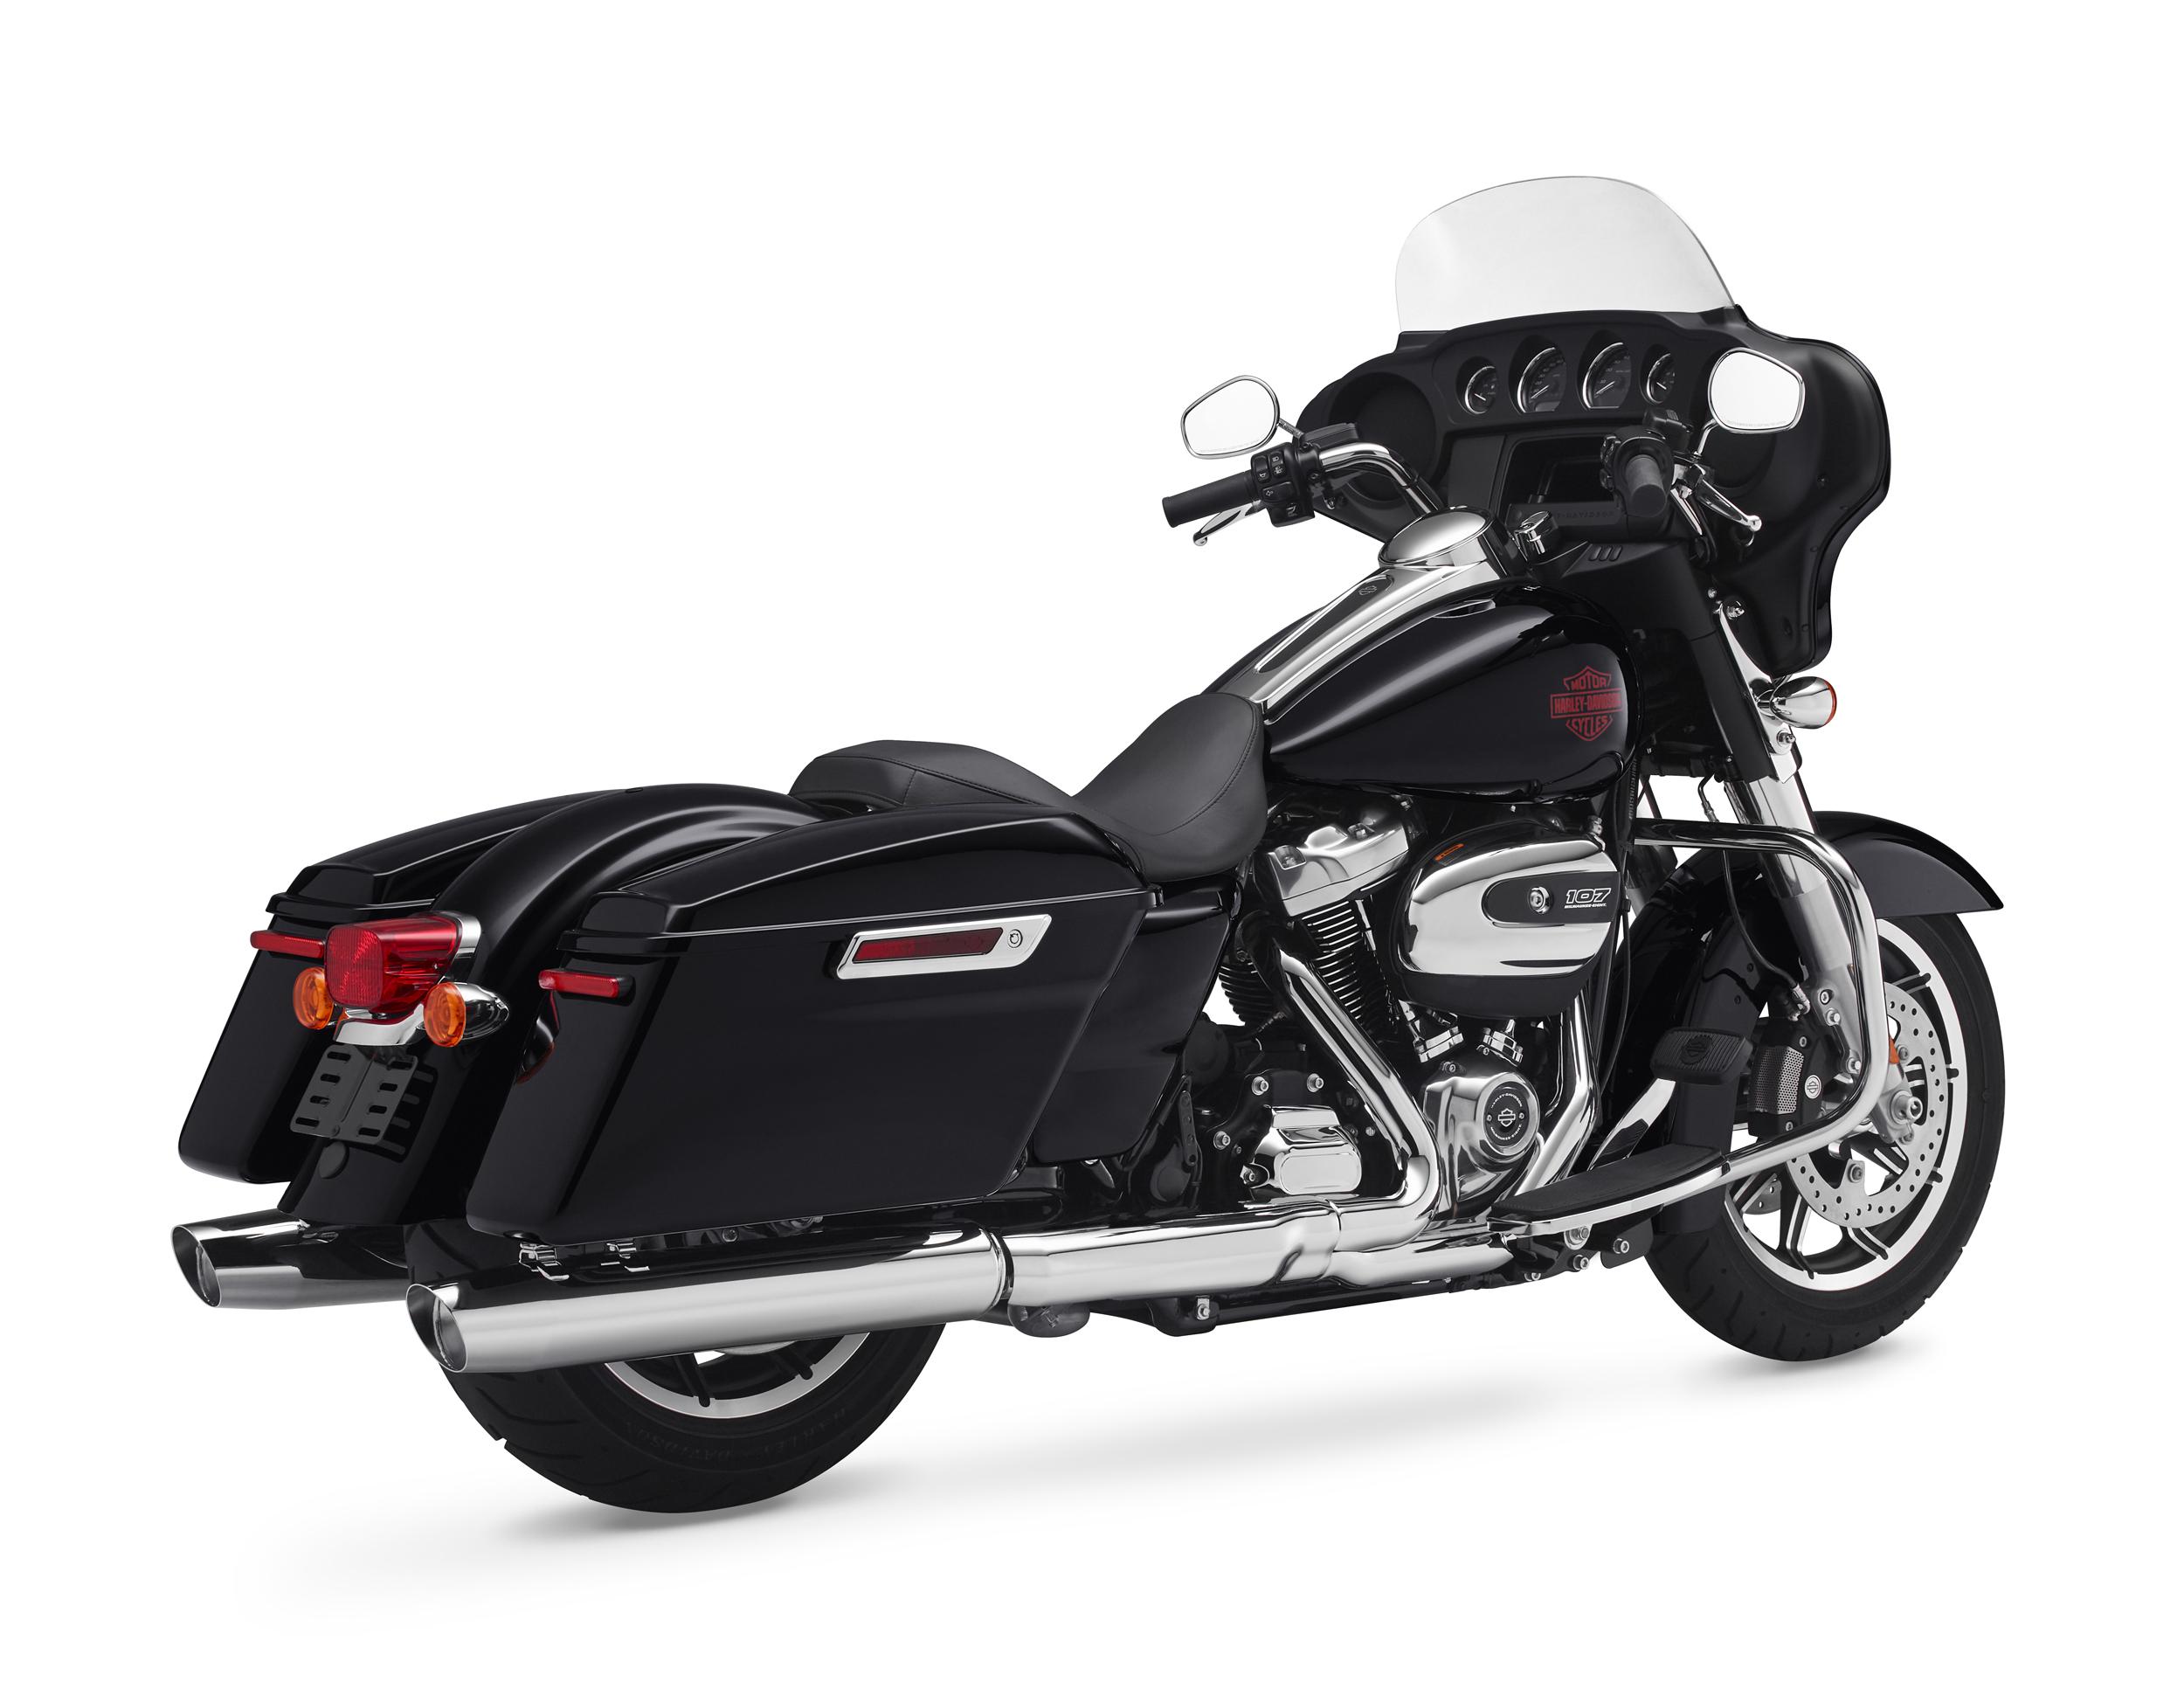 2019 Harley-Davidson Electra Glide Standard